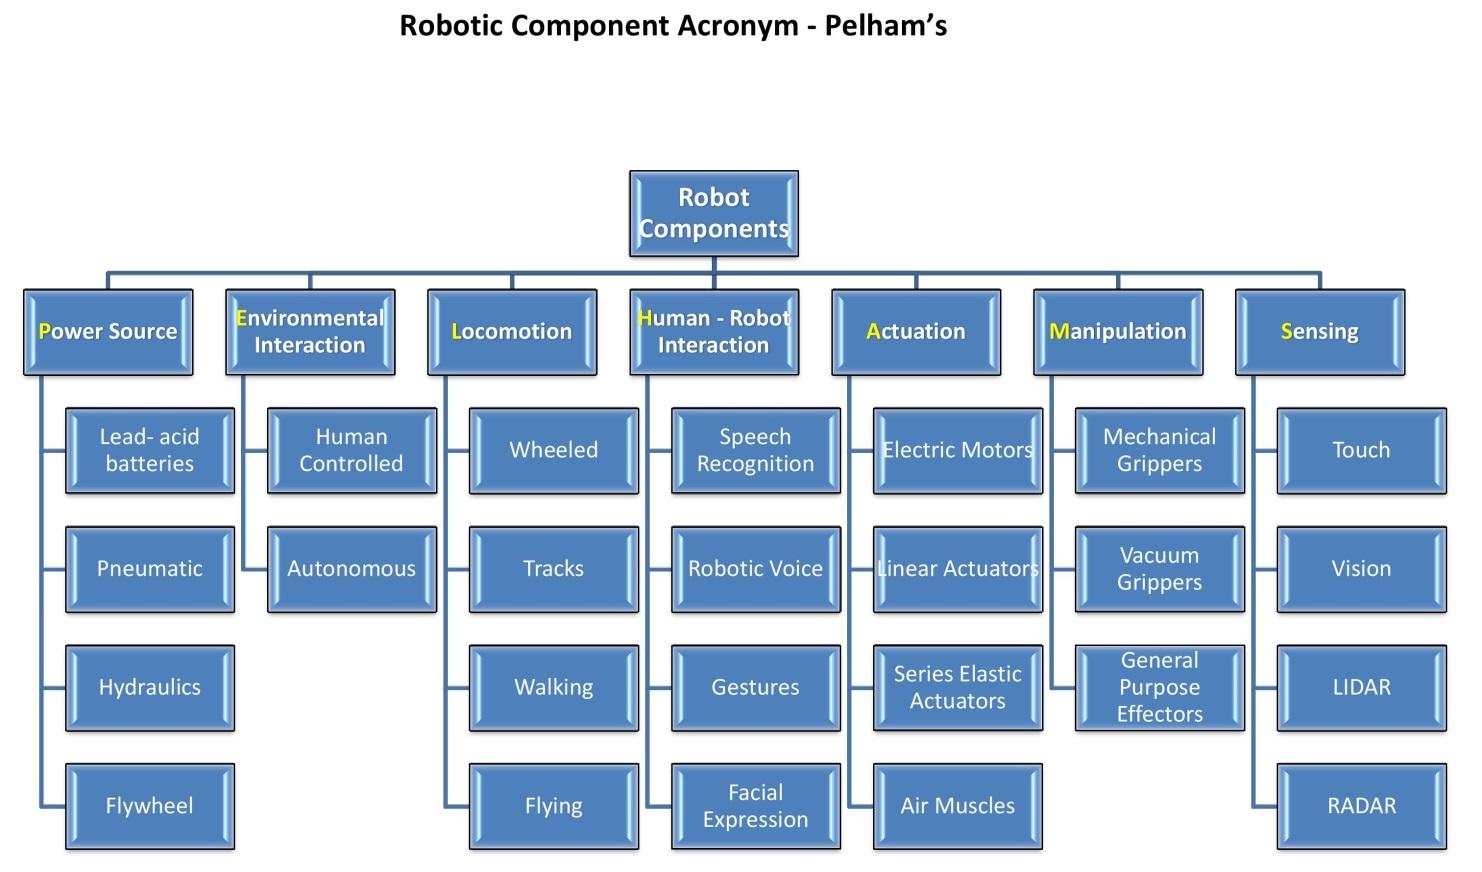 Robot Component Acronym – Pelham's | Hugh Fox III